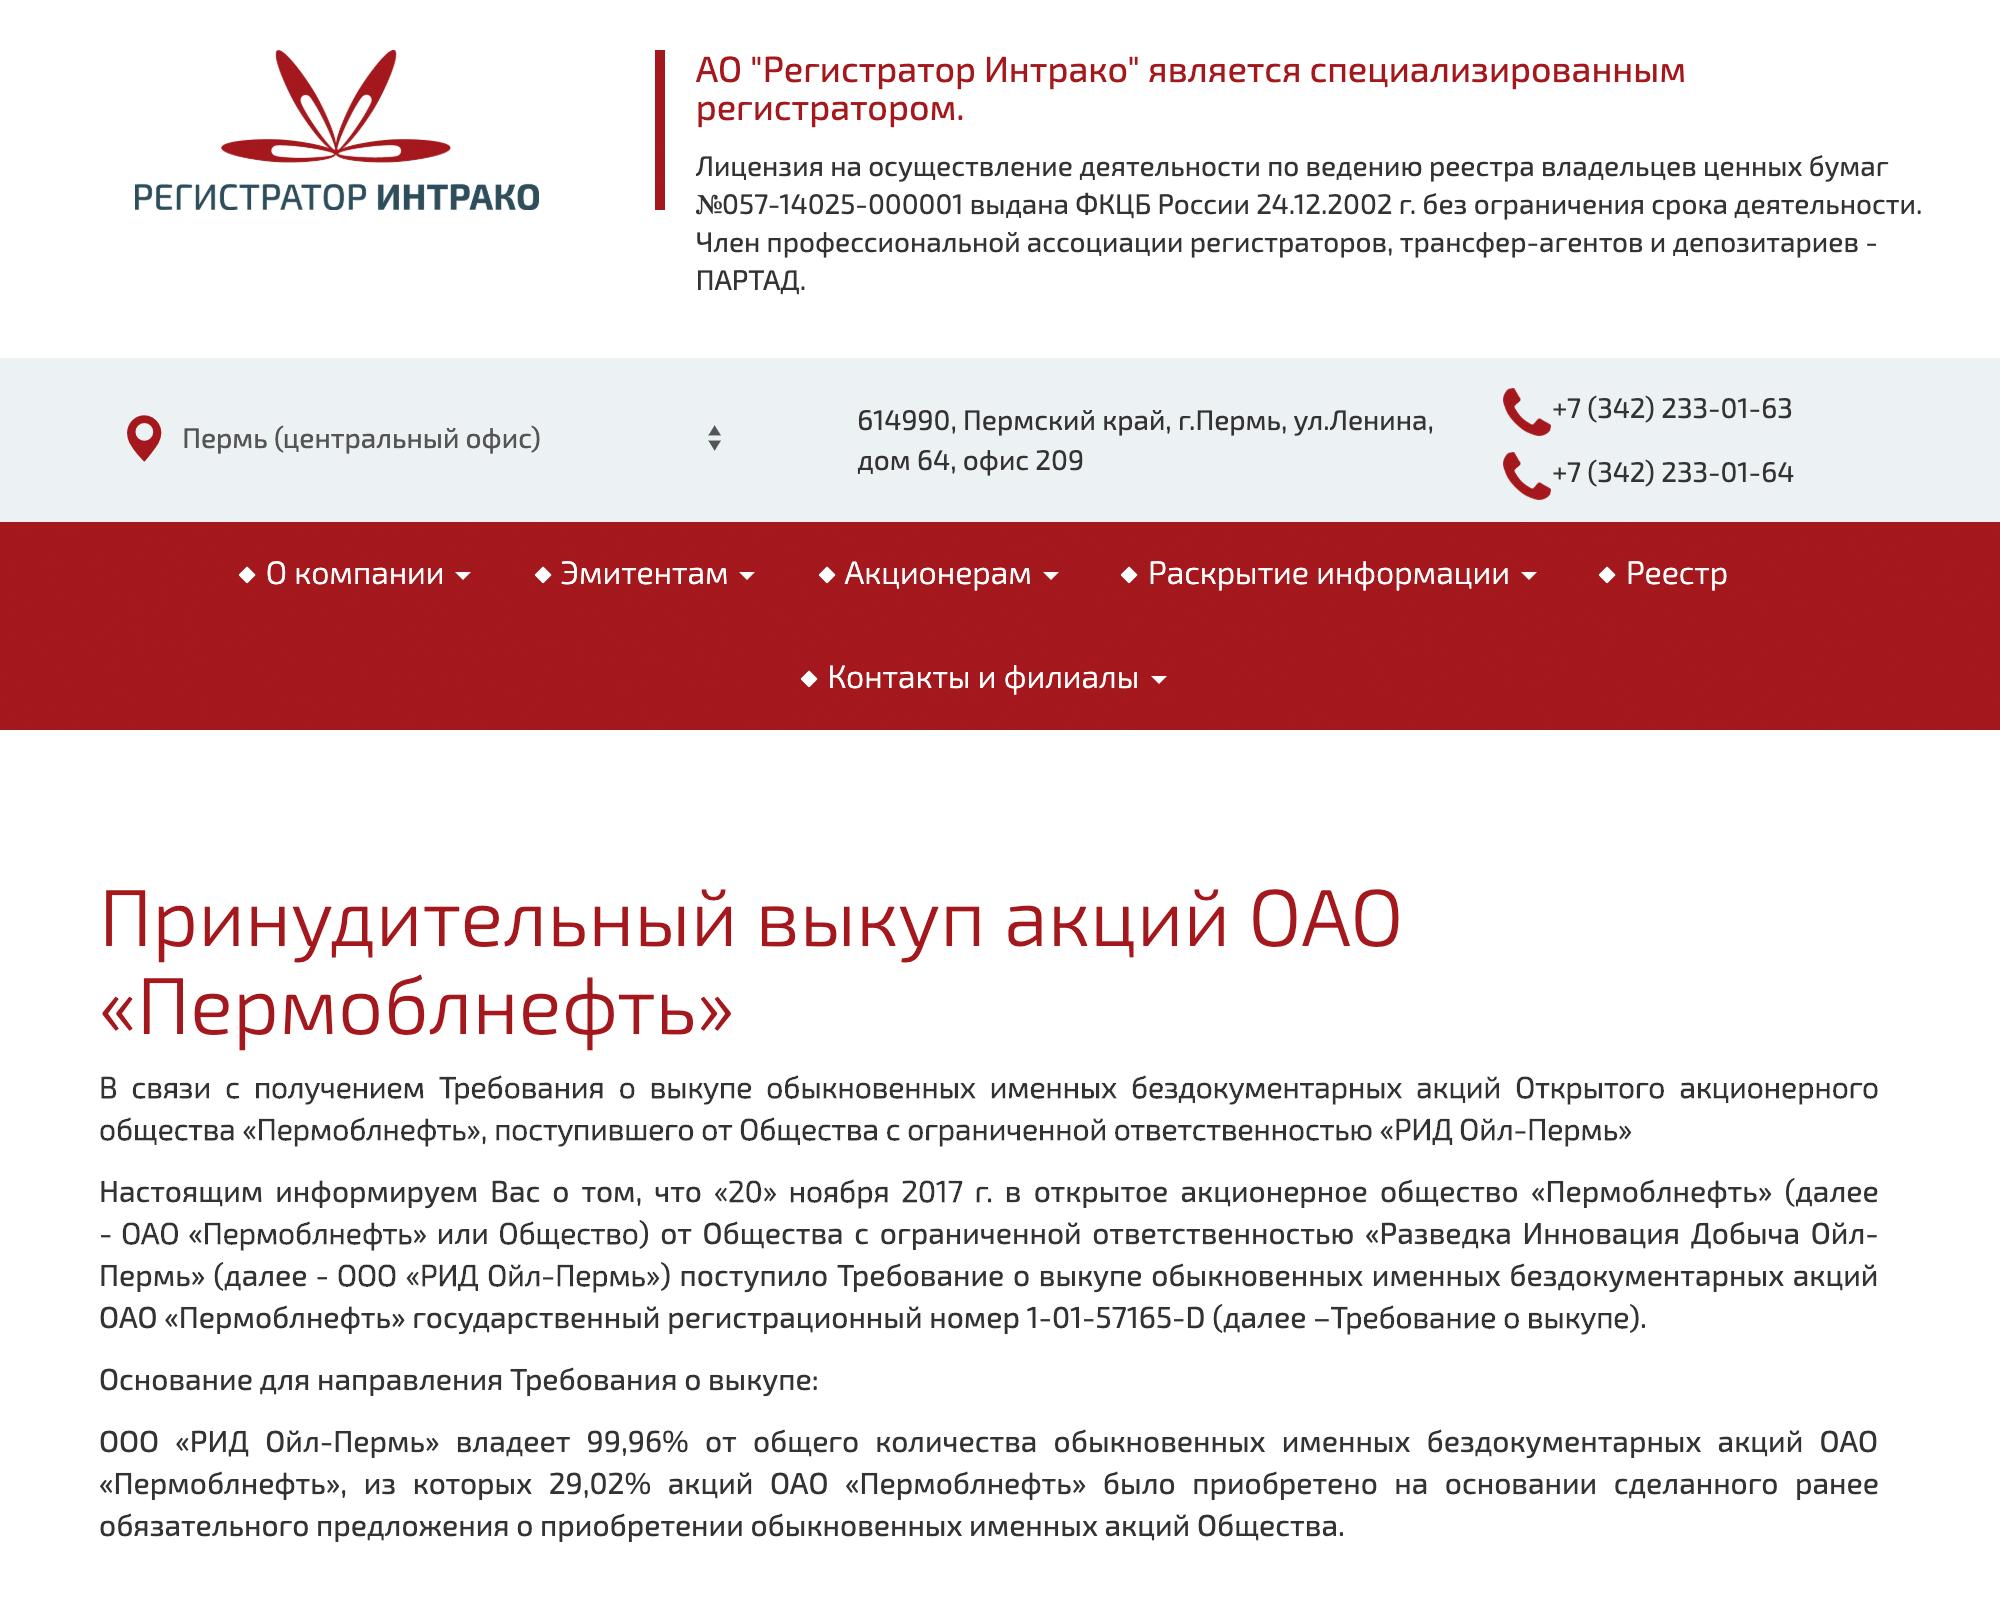 Информация о выкупе акций на сайте регистратора